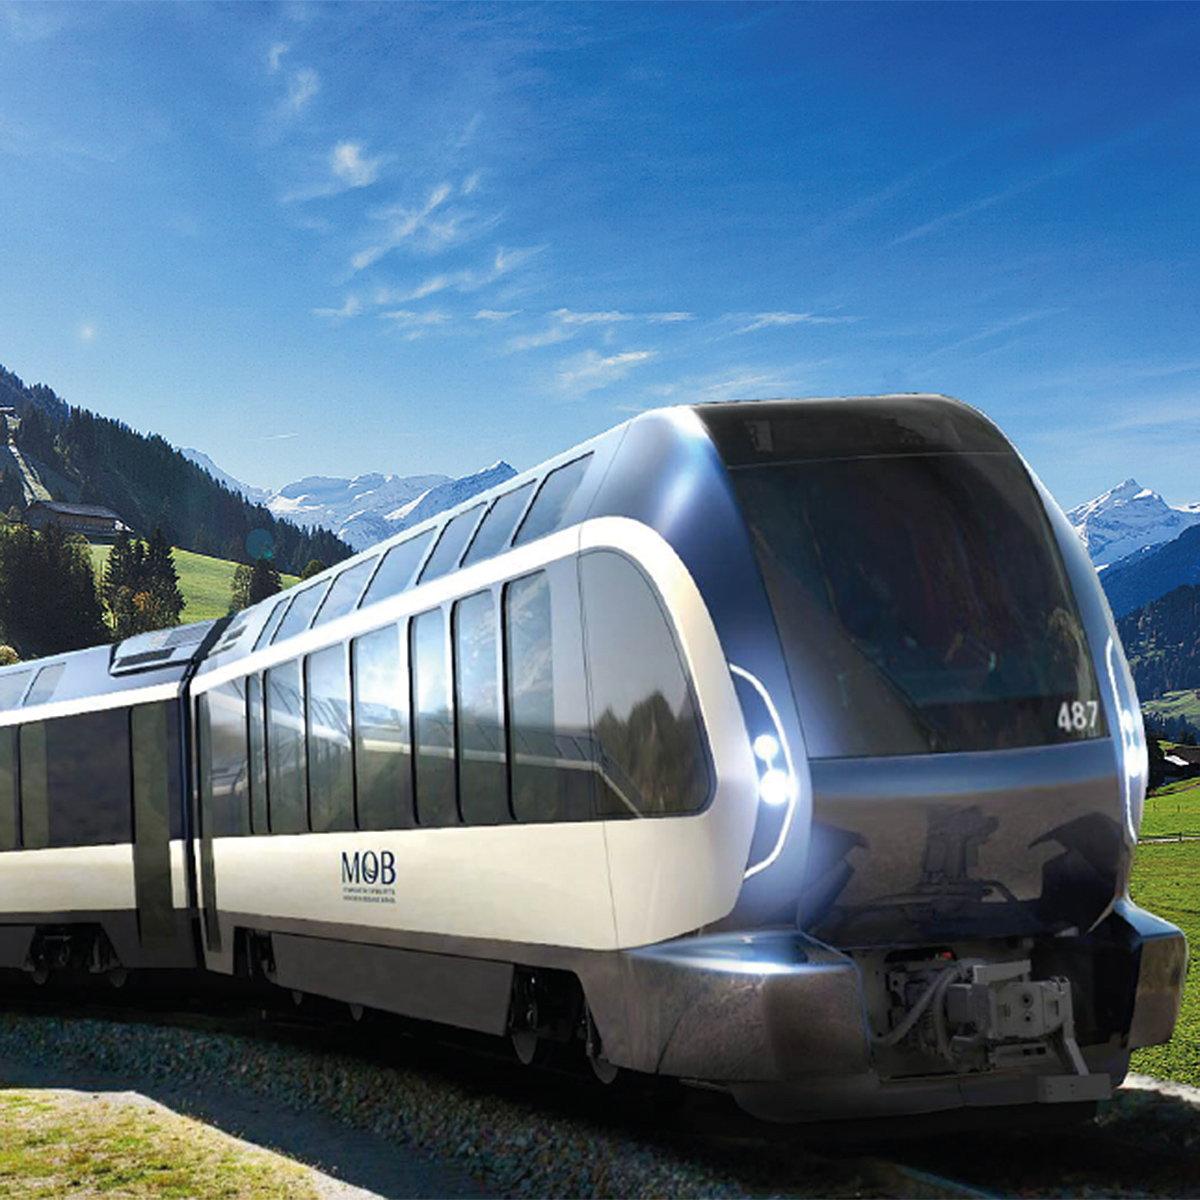 طراحی قطار با هدف گردشگری در سوئیس